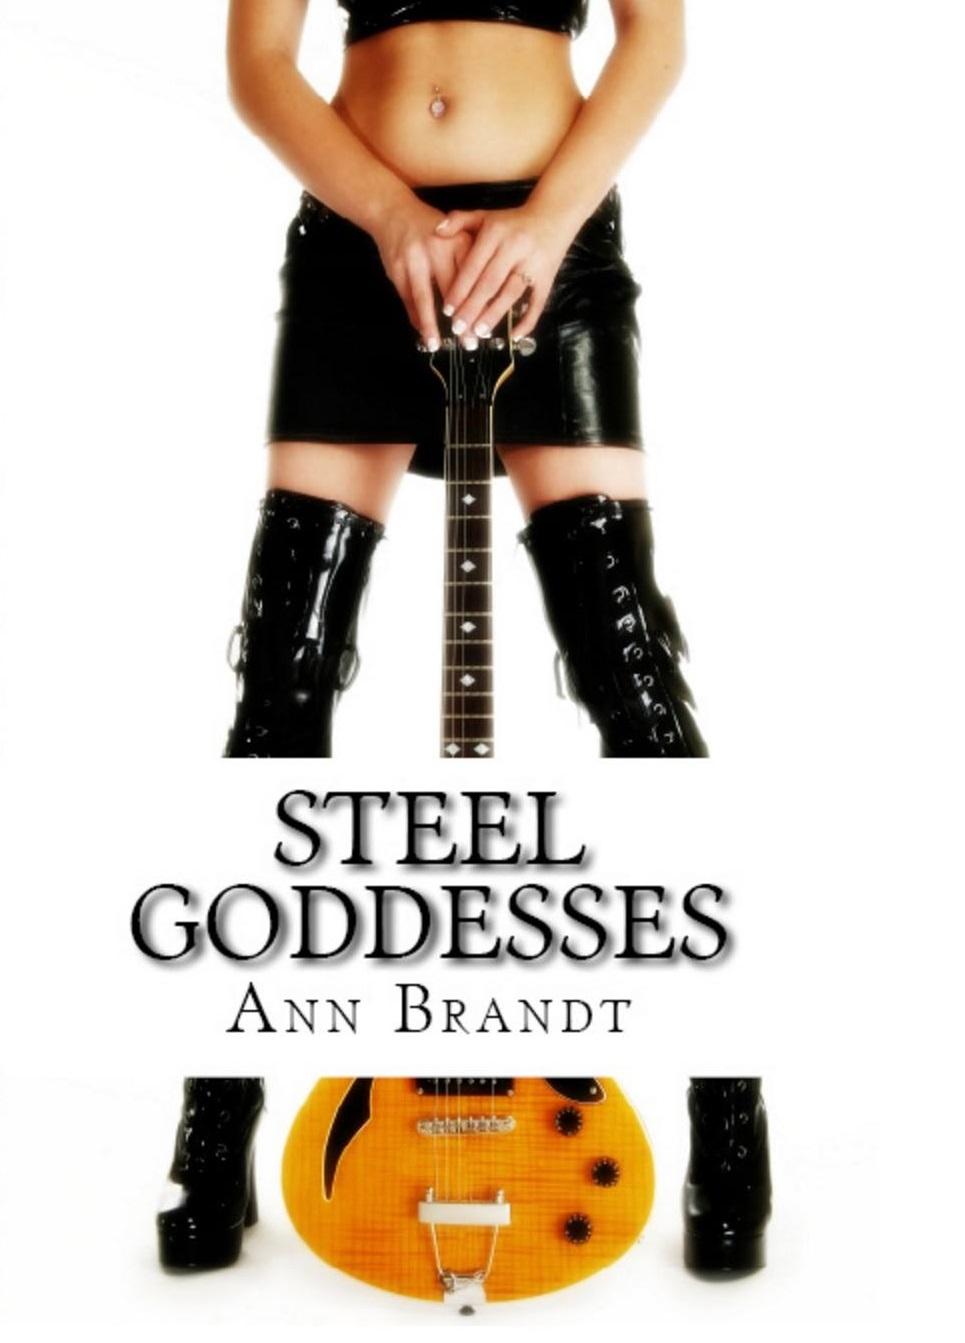 Steel Goddesess Novel isLIVE